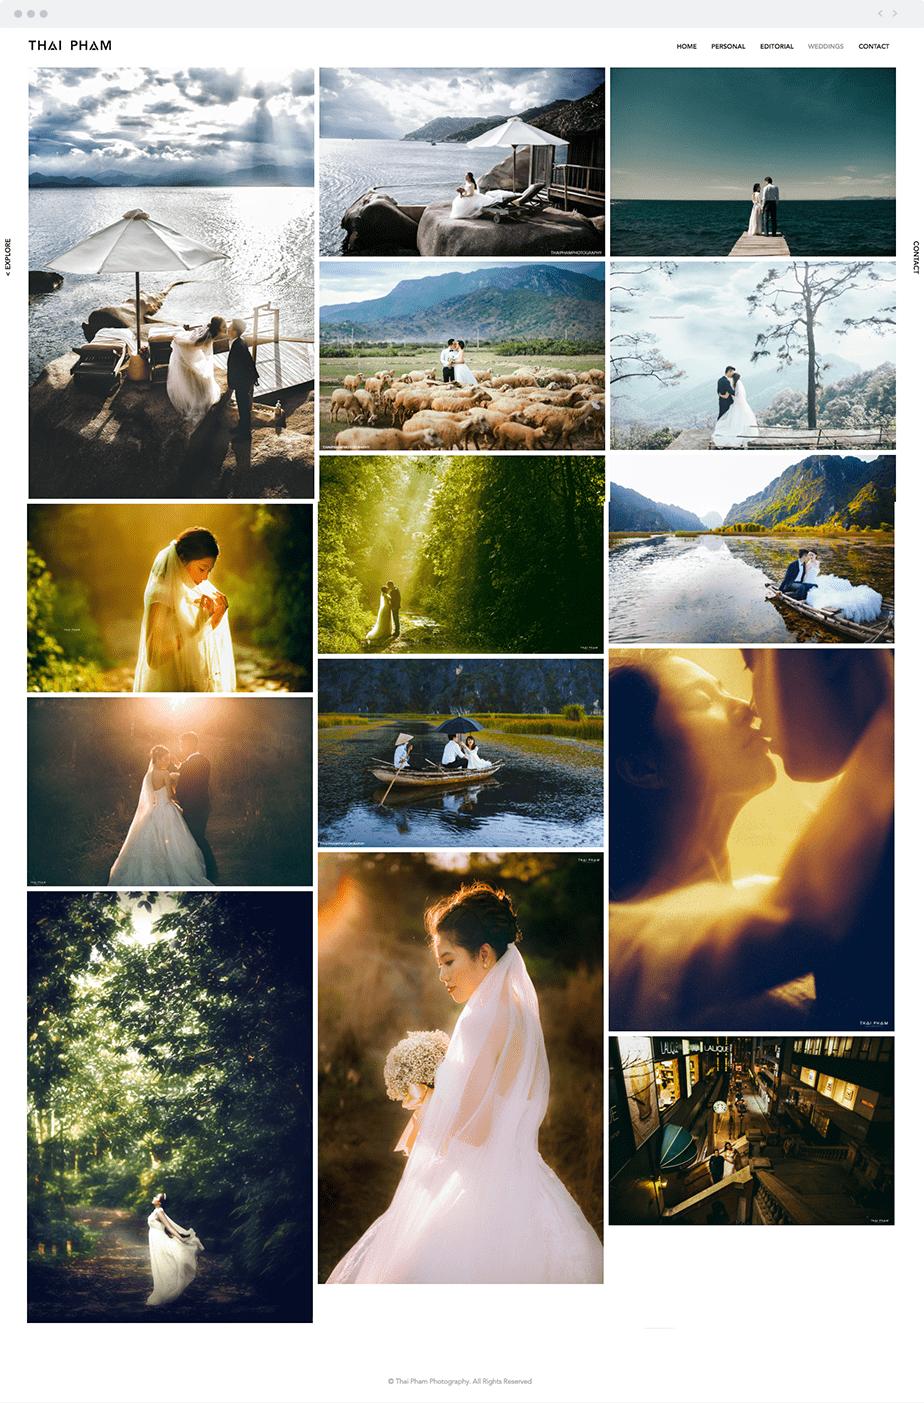 Stunning online portfolio by Wix wedding photographer Thai Pham